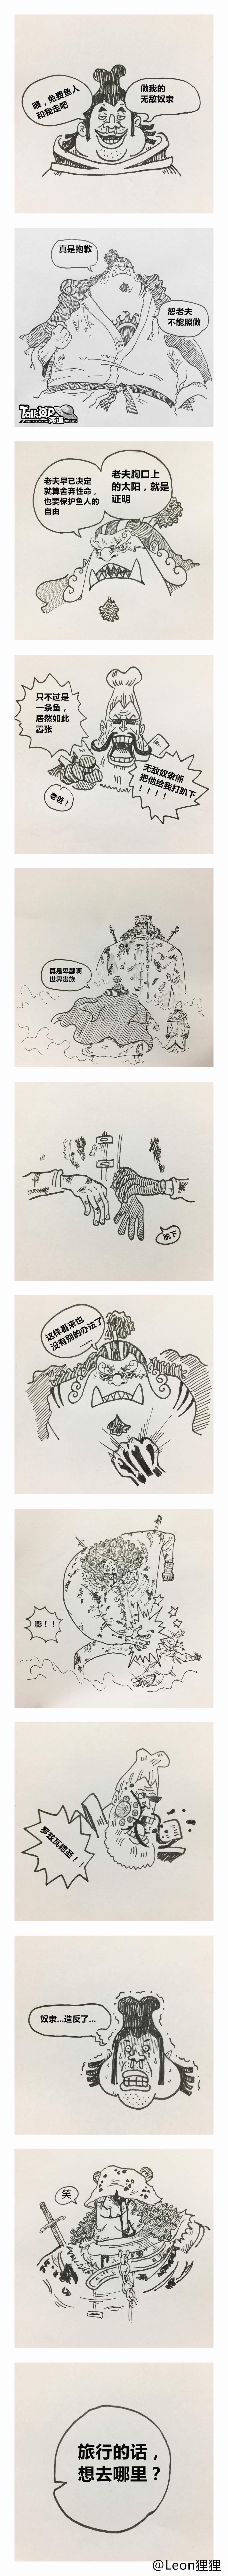 甚平与大熊_副本.jpg